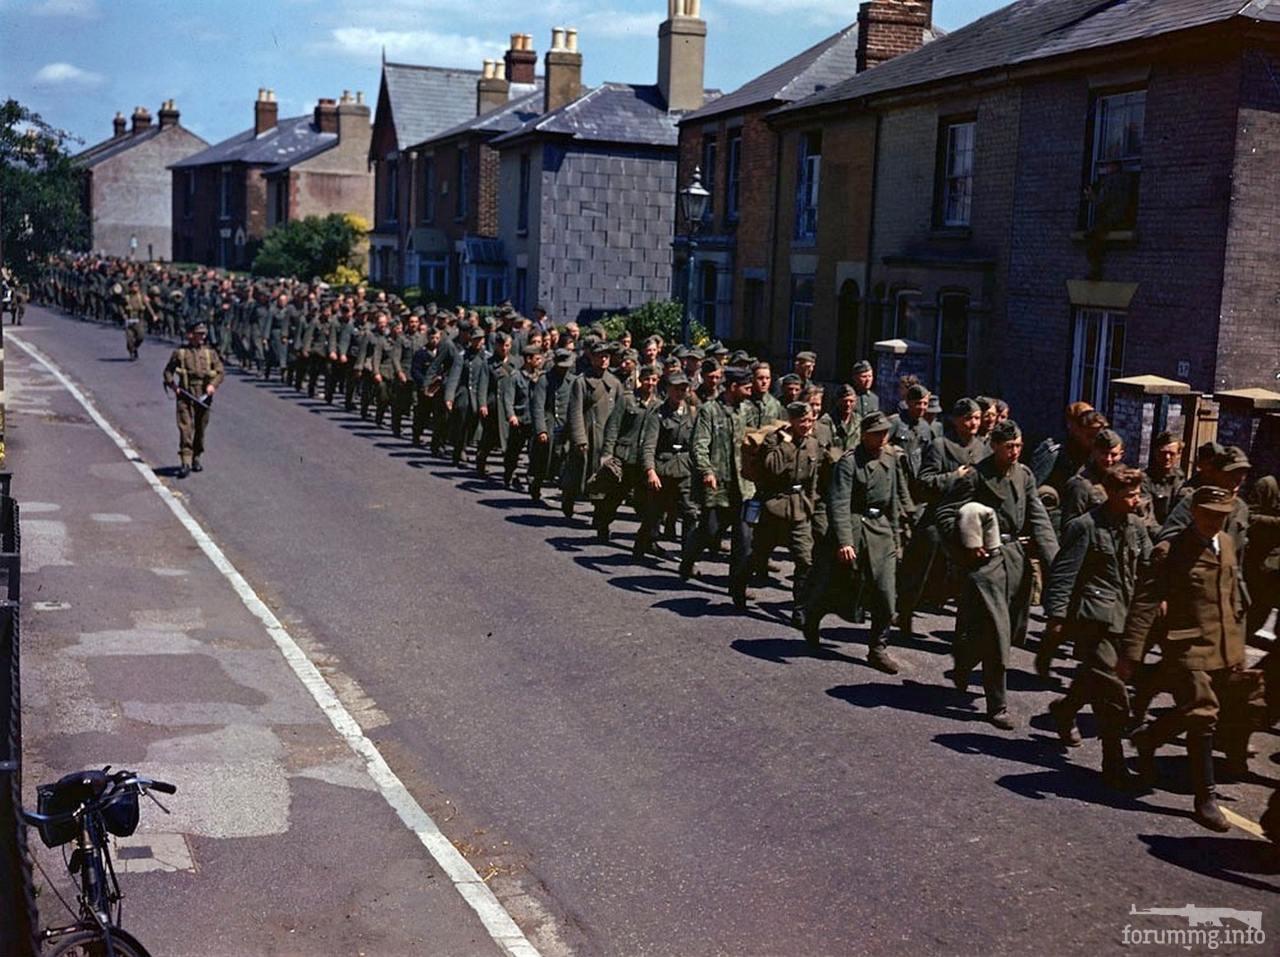 114085 - Военное фото 1939-1945 г.г. Западный фронт и Африка.